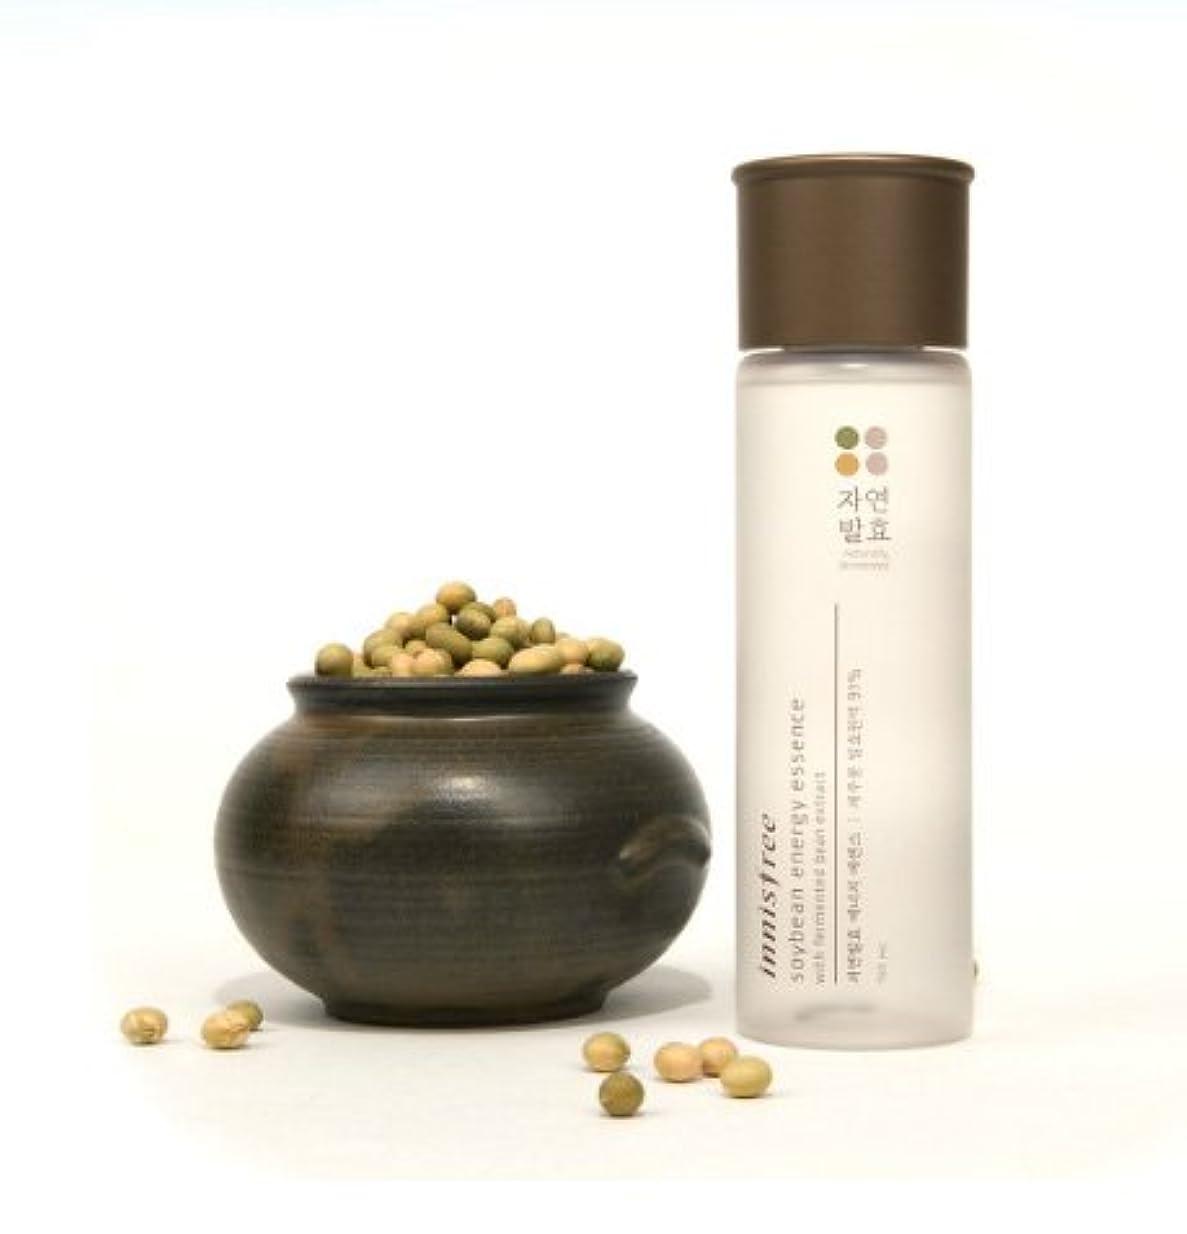 細胞救急車先に(Innisfree イニスフリー) Soybean energy essence 自然発酵 エナジー エッセンス 美容液 肌のバリア機能を強化し、健やかでパワーあふれる肌へ導くトータルケアブースター美容液